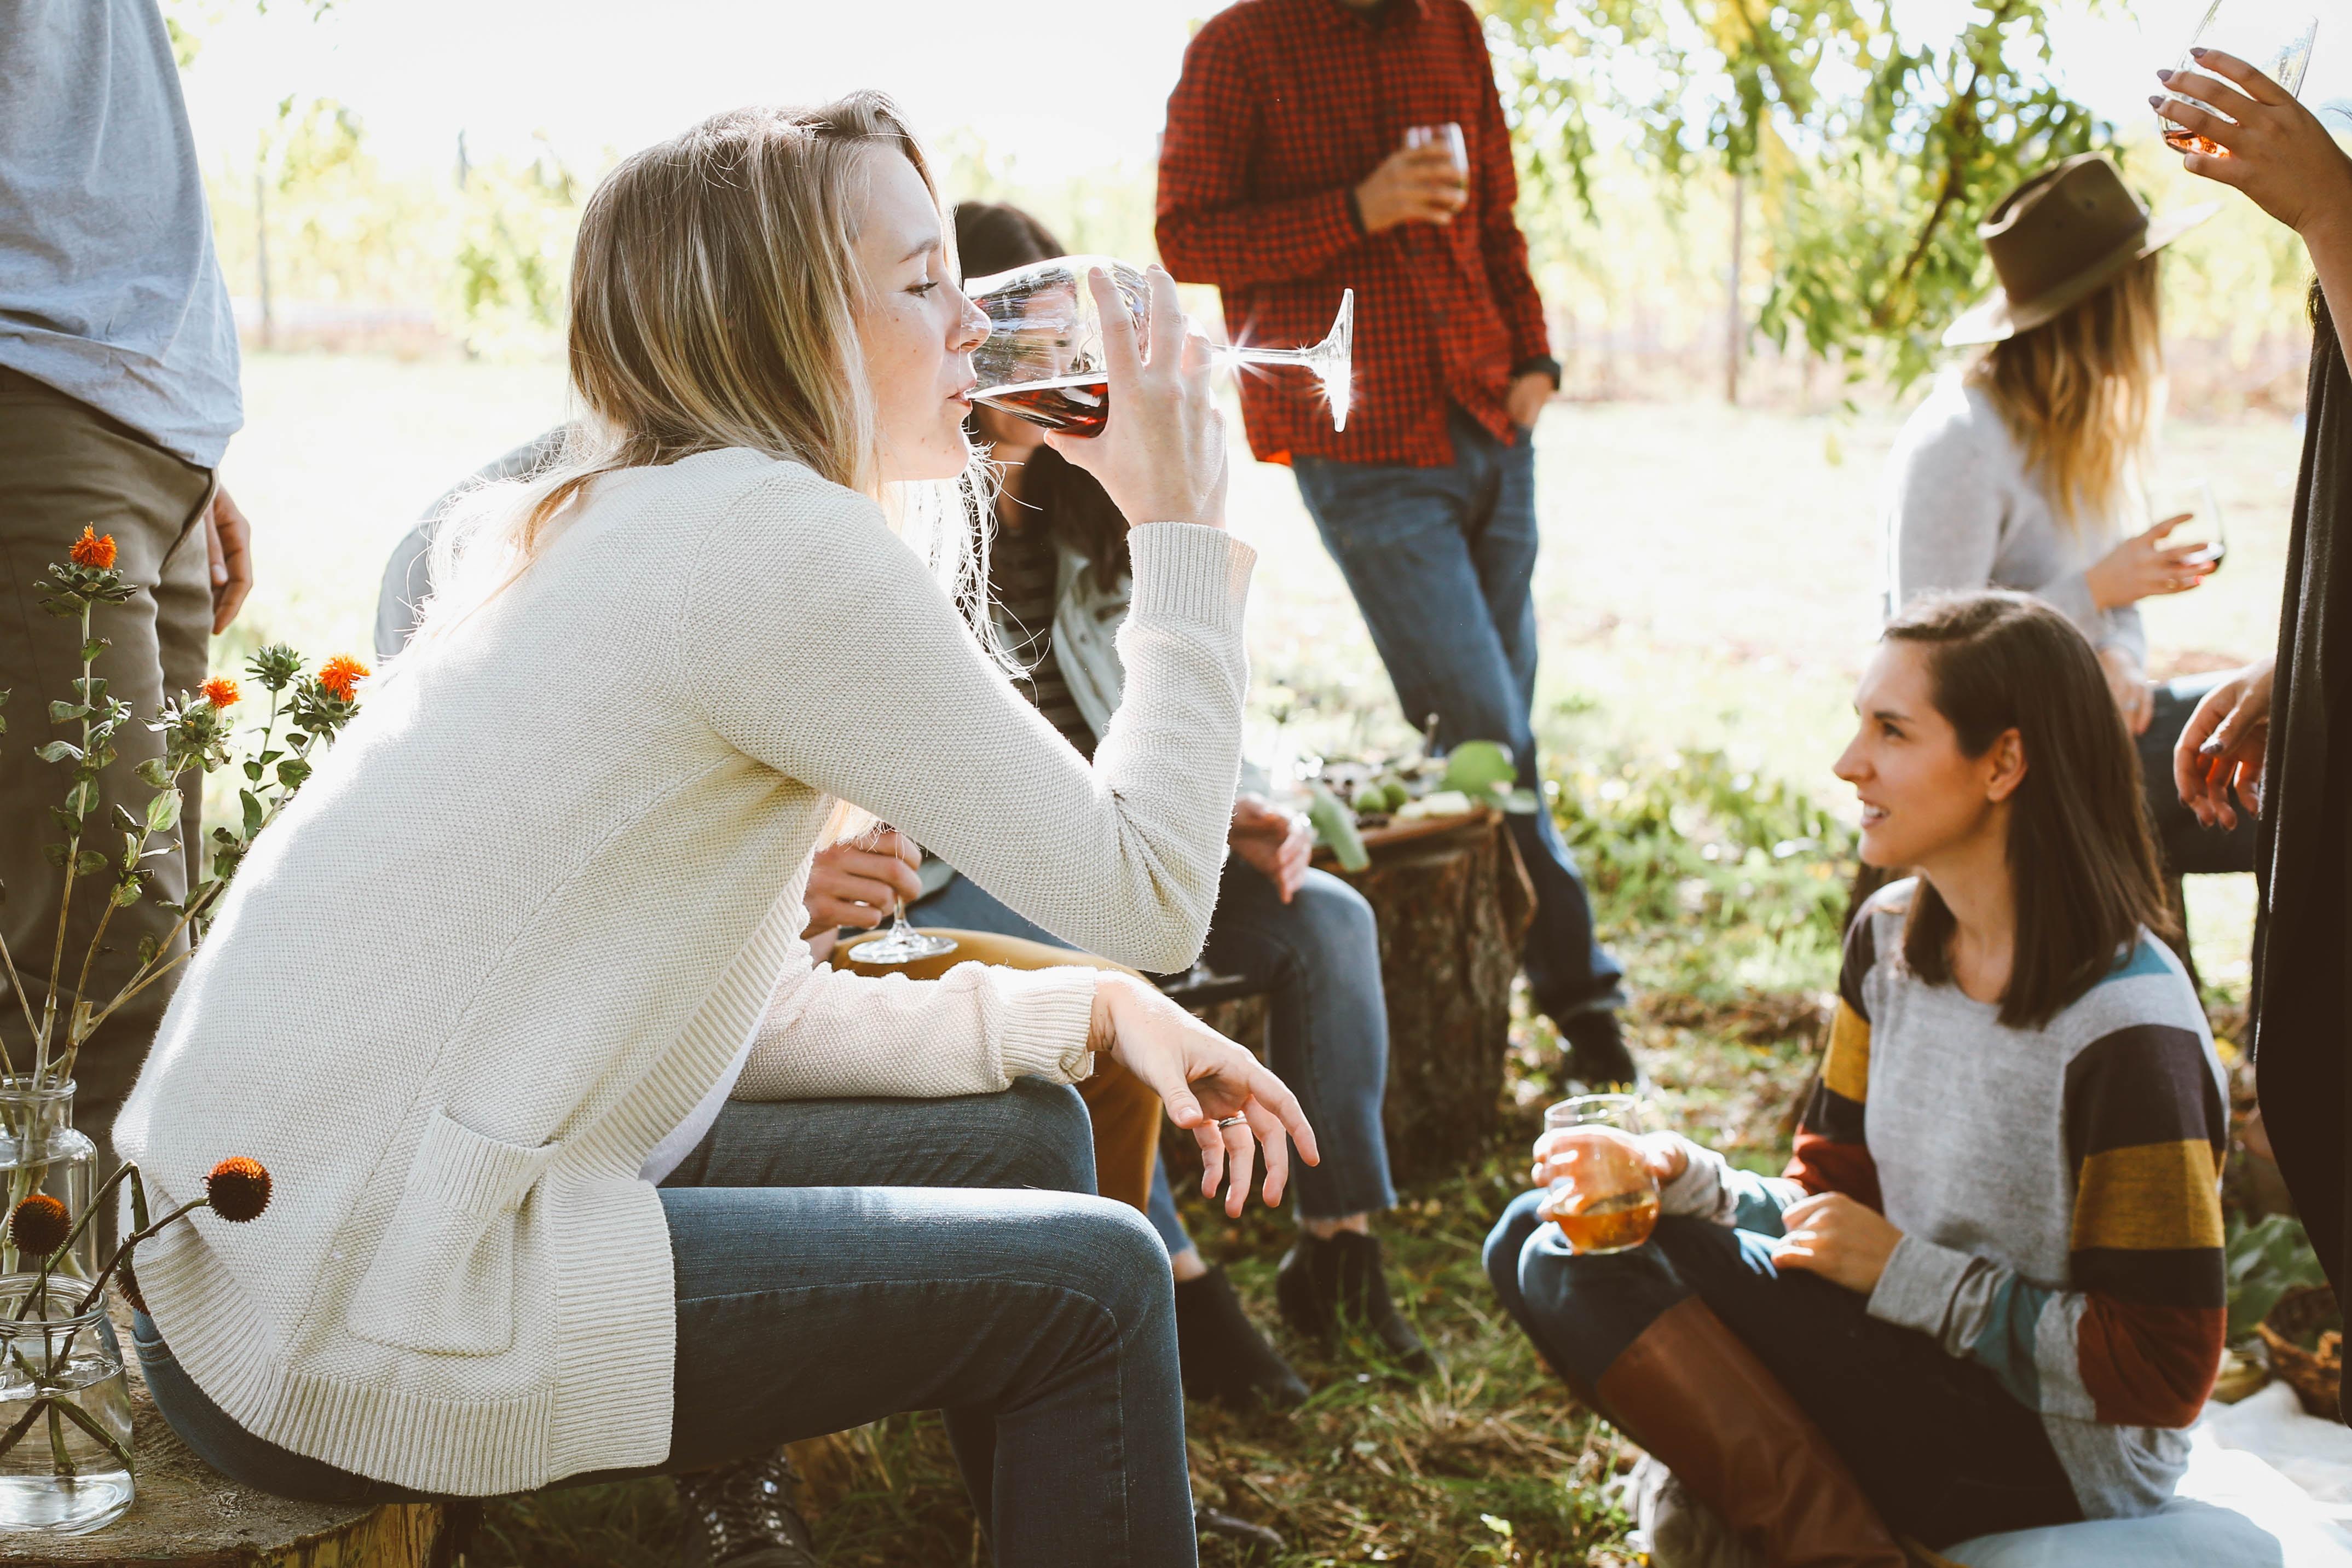 wine_women